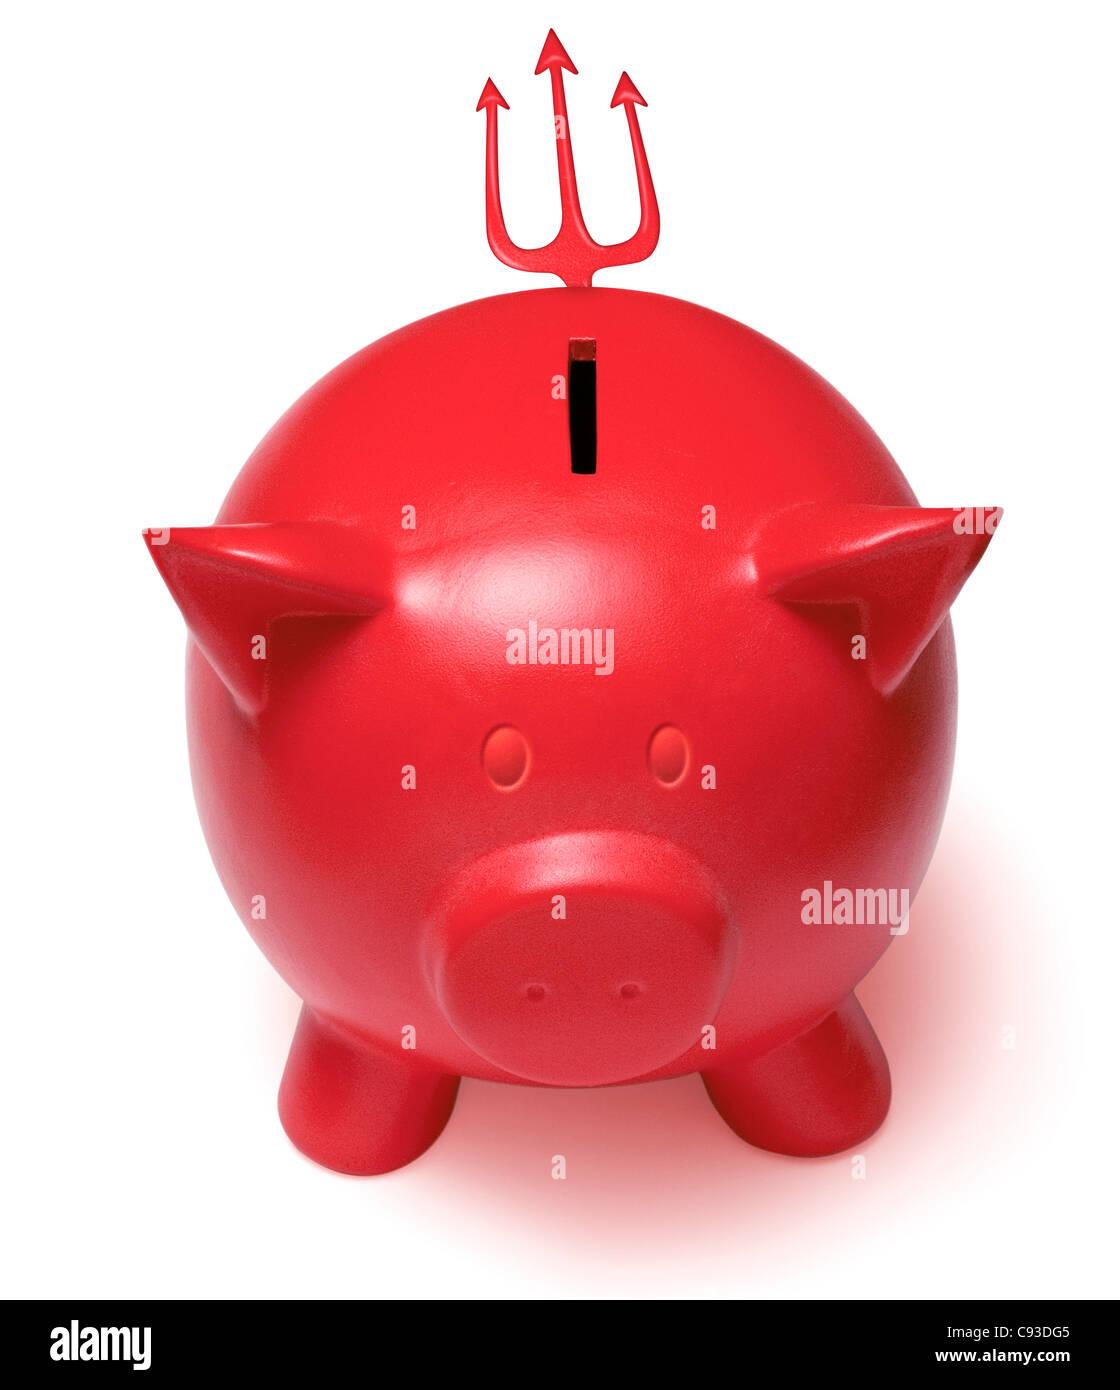 Rote Teufel Sparschwein mit gehörnten Ohren und einen Dreizack Schweif auf weißem Hintergrund. Ausschnitt Stockbild